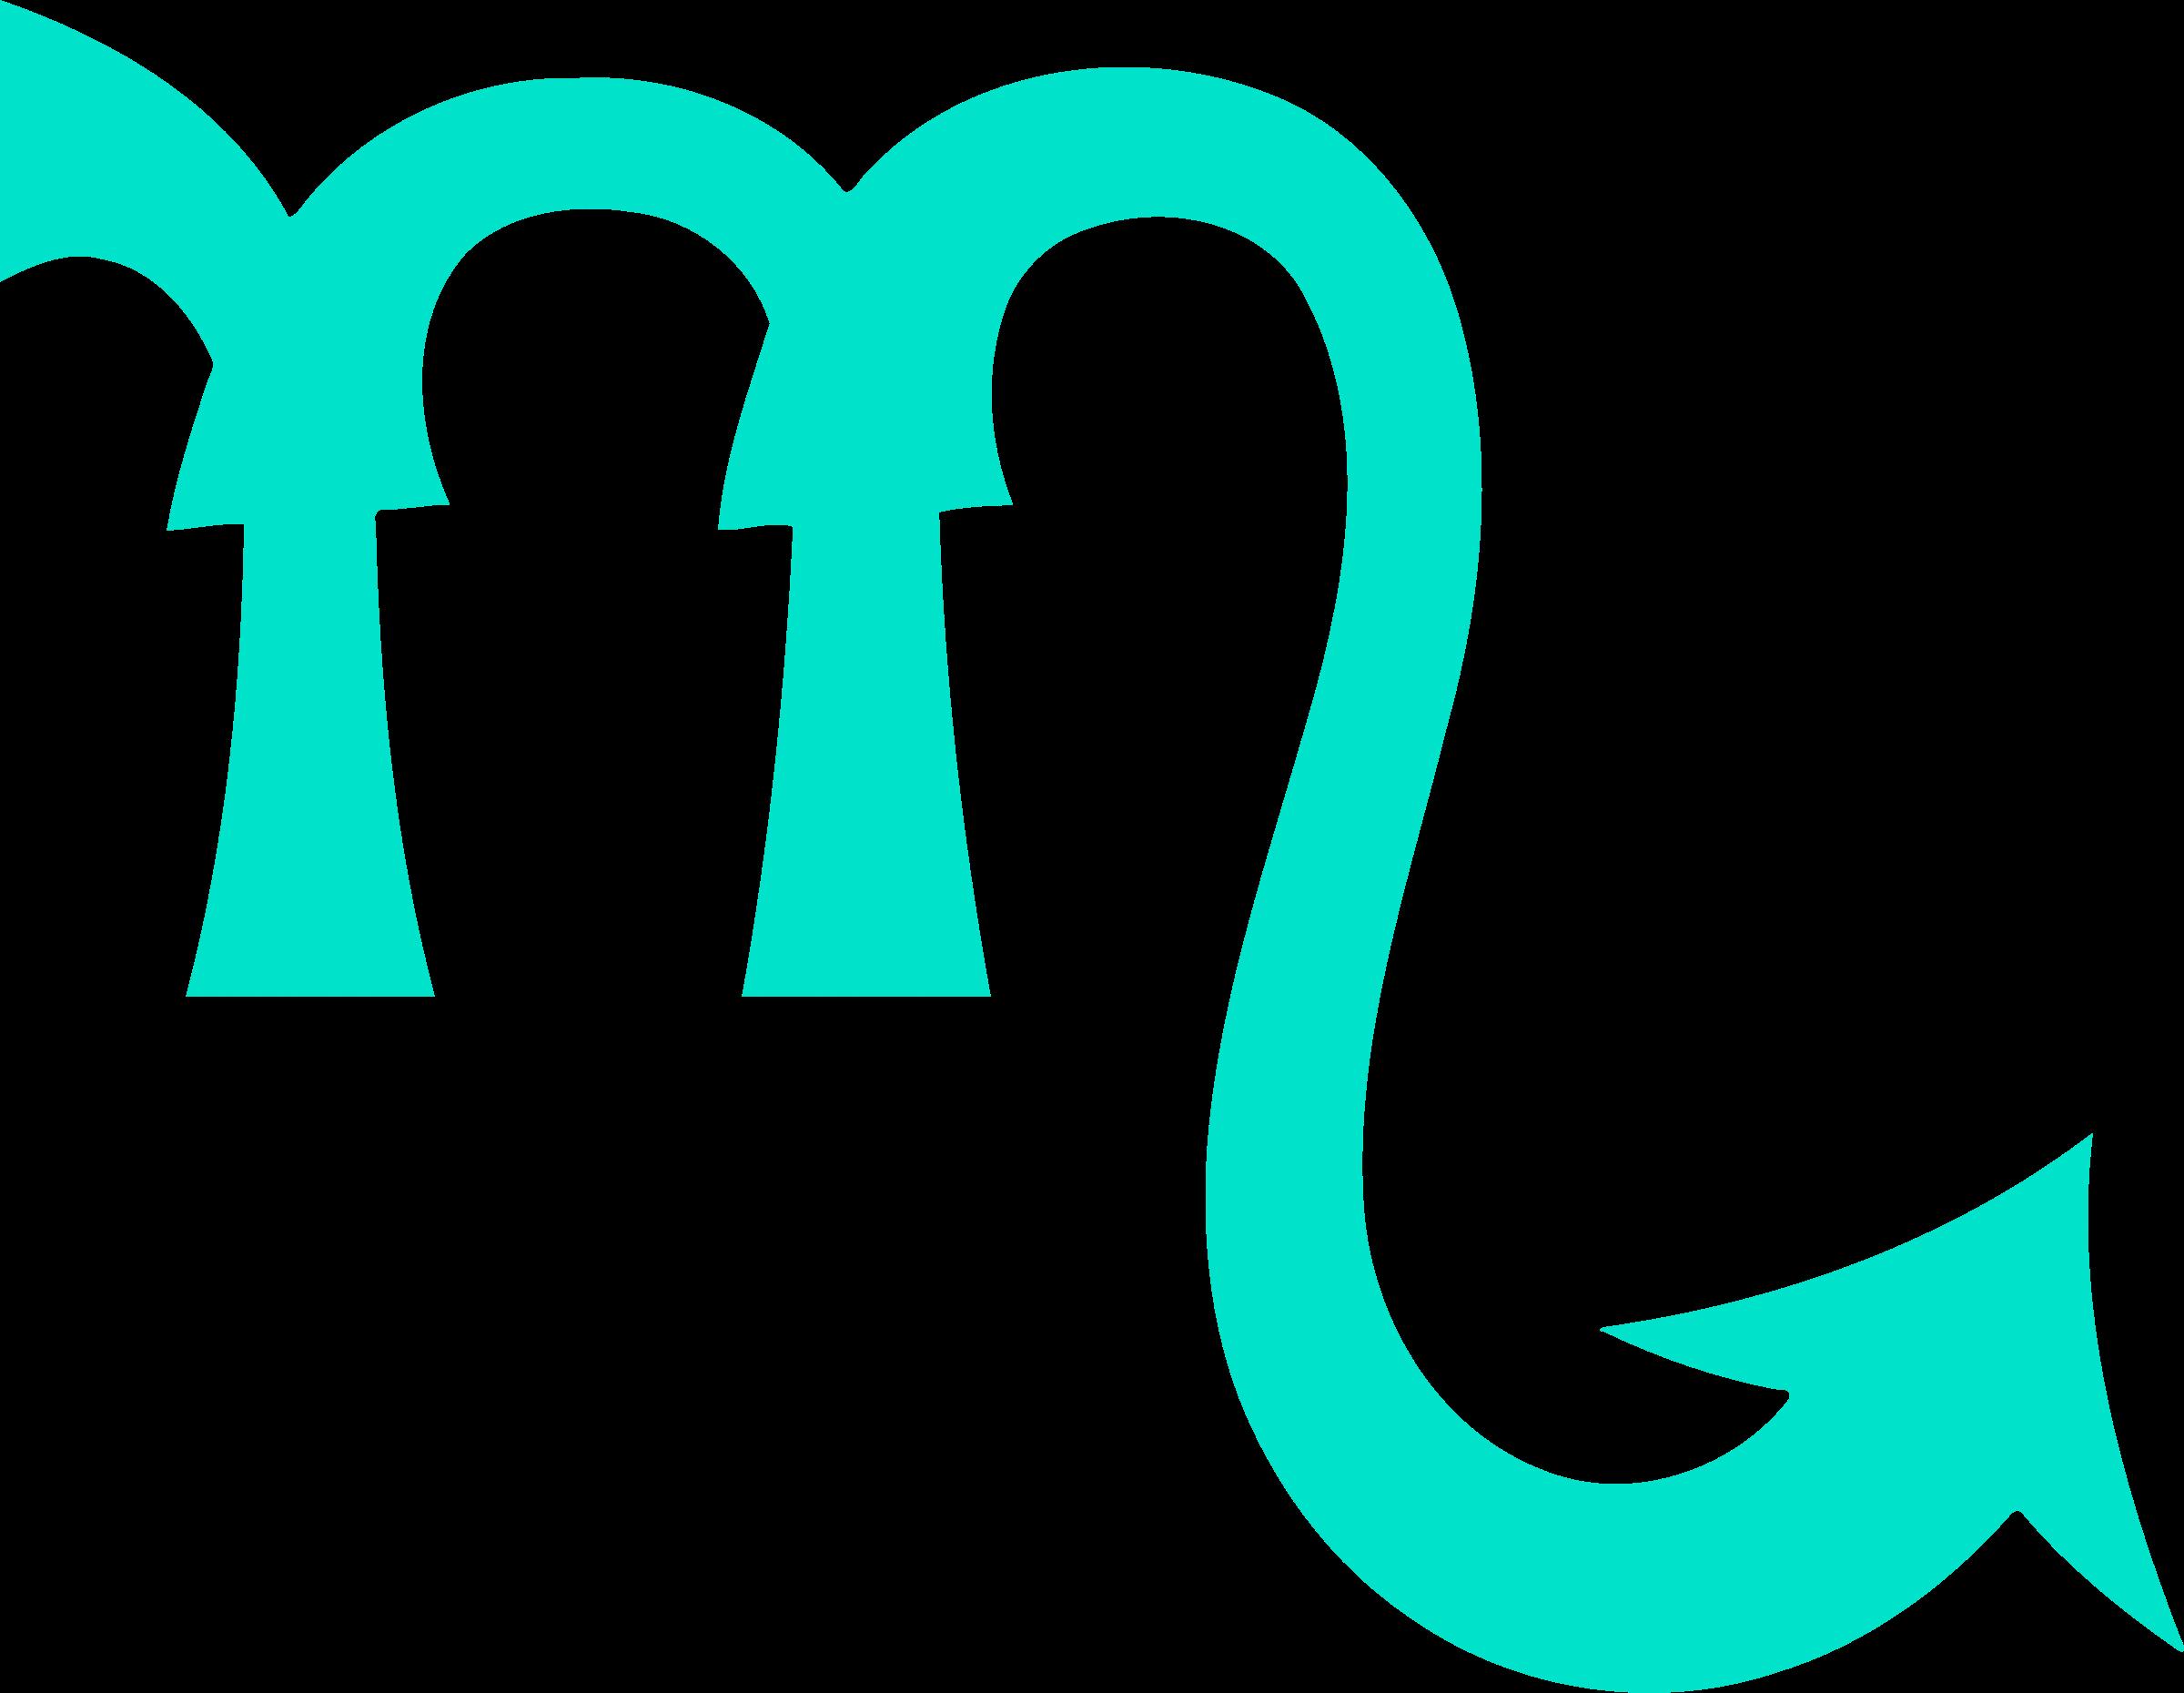 Clipart Scorpio Symbol 2